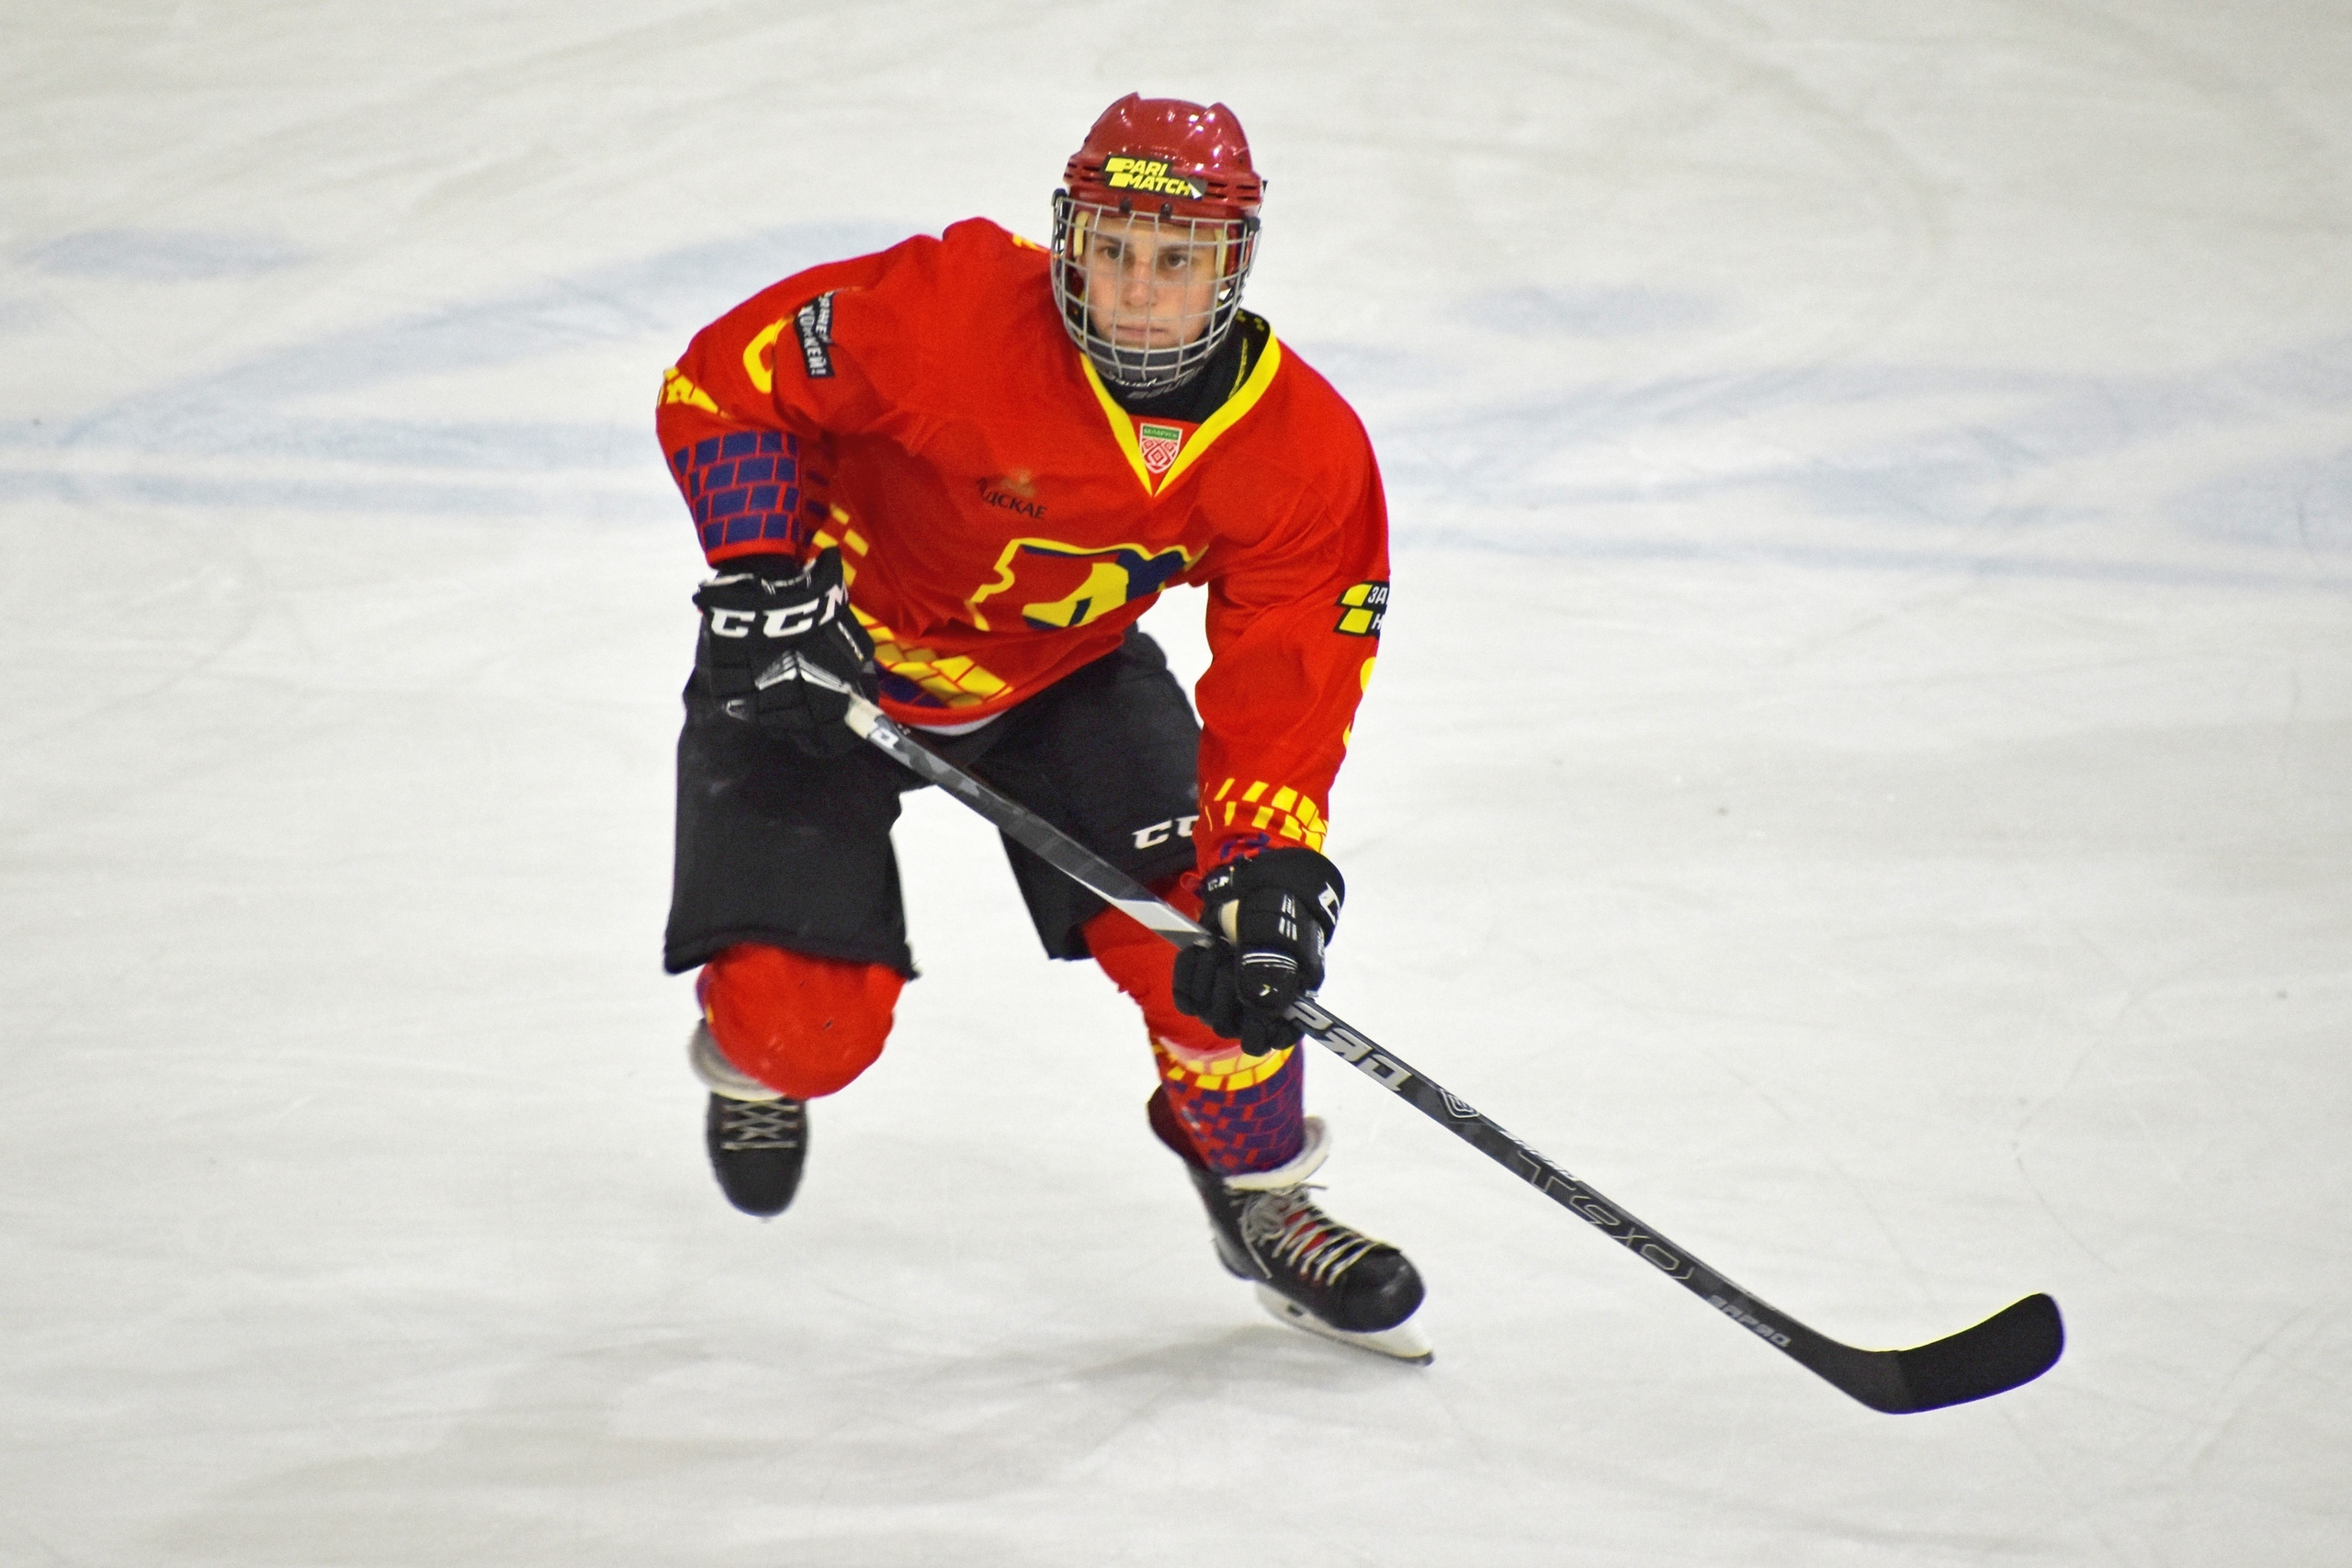 Хоккейный клуб «Лида» на этой неделе проведет еще один матч чемпионата страны в экстралиге «Б».